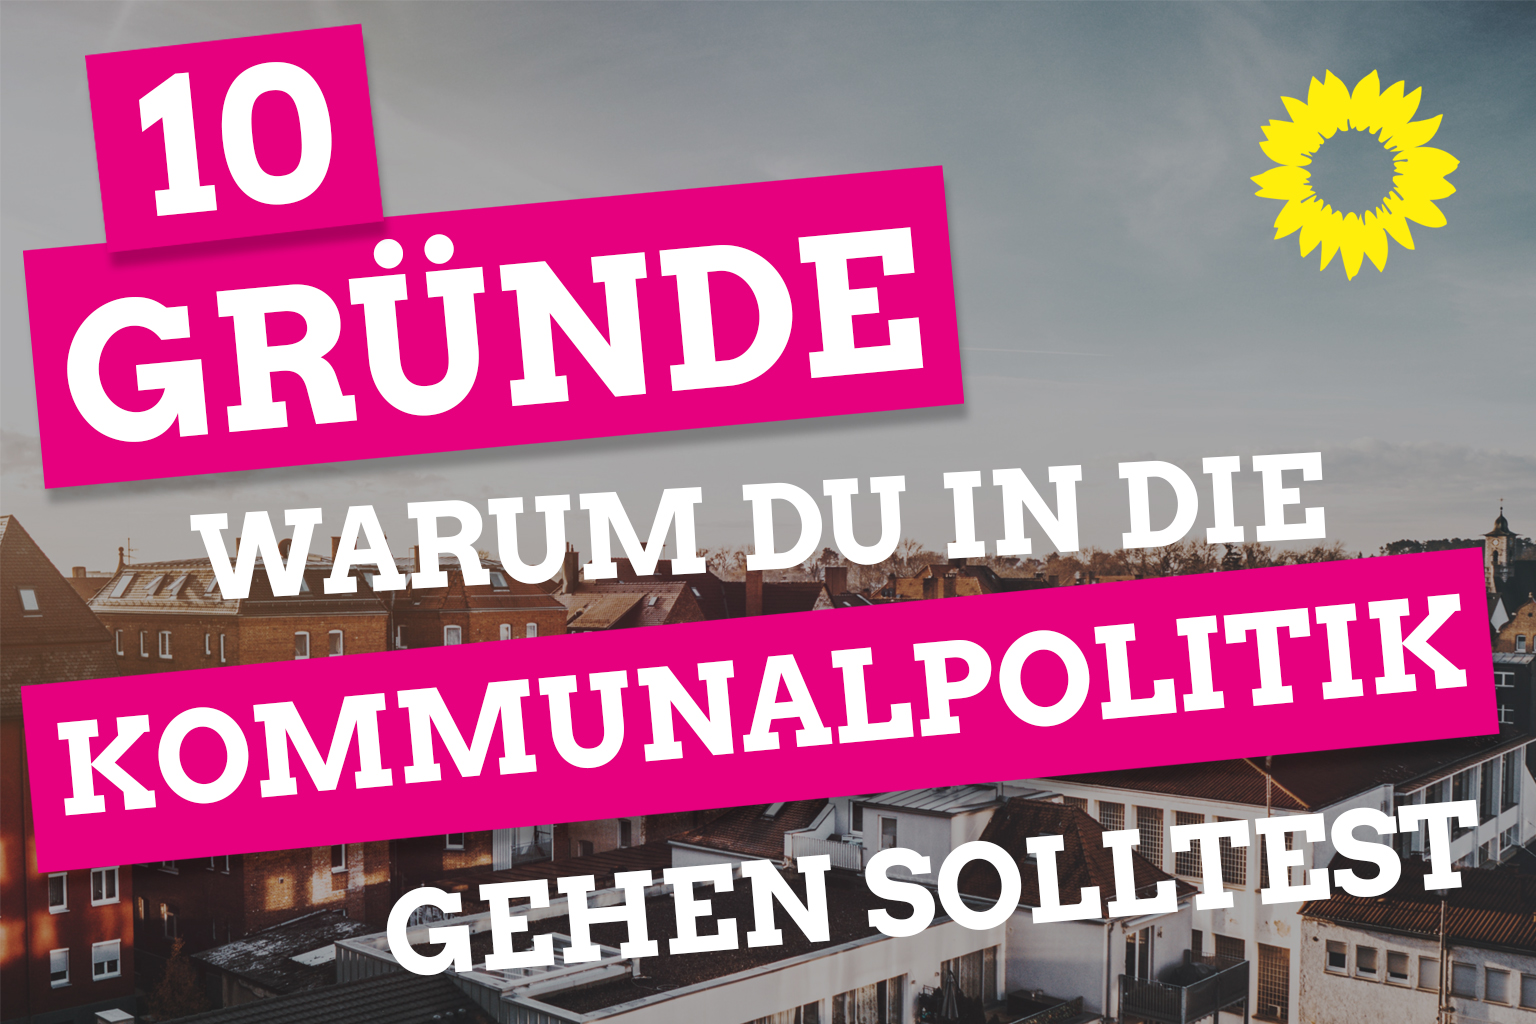 10 Gründe warum du in die Kommunalpolitik gehen solltest